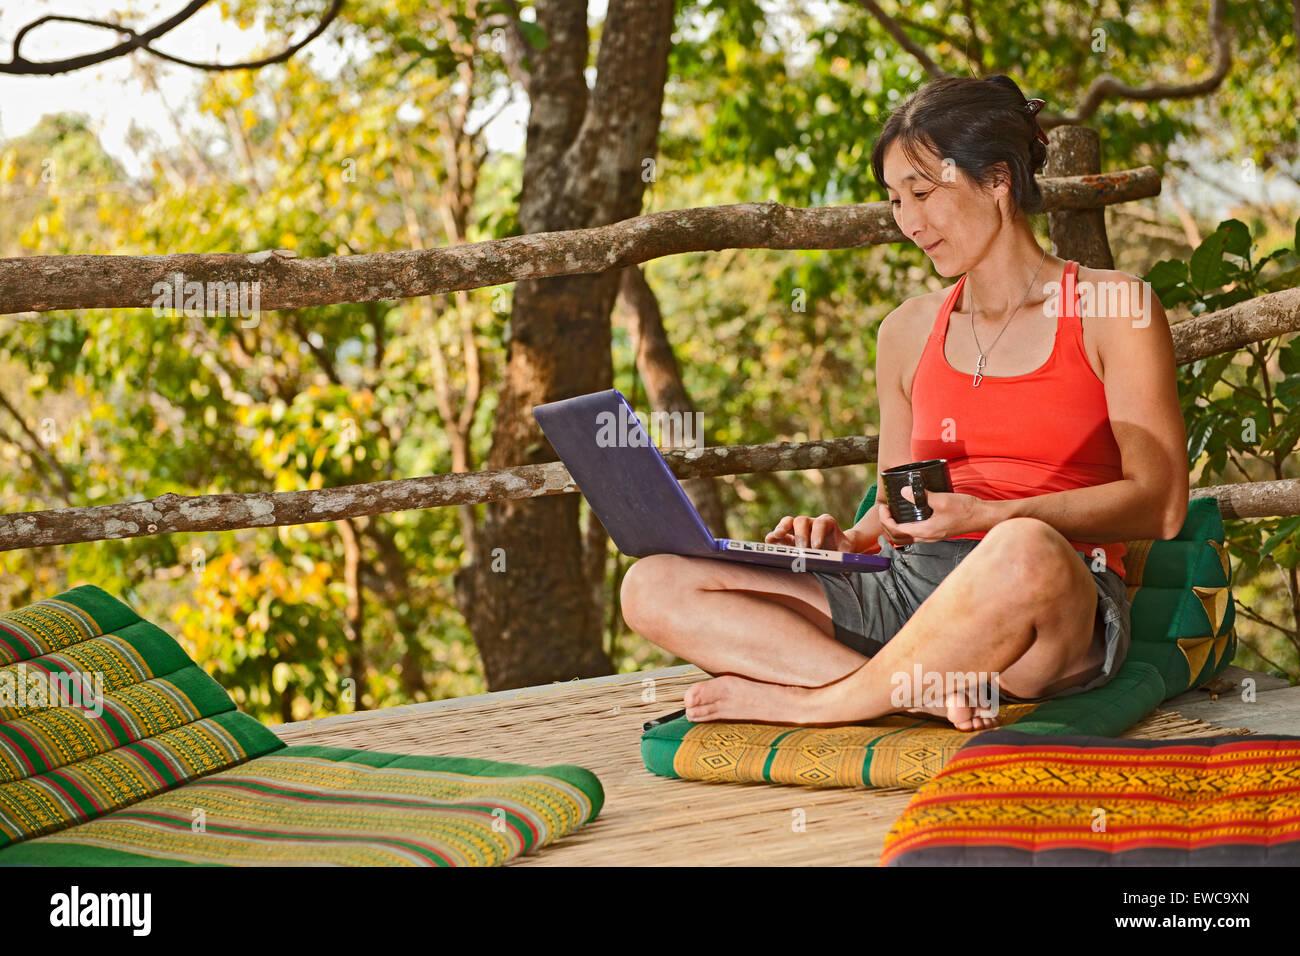 Mujer sentada con su portátil en una piscina terrase en una cafetería de la calle en el norte de Tailandia Imagen De Stock